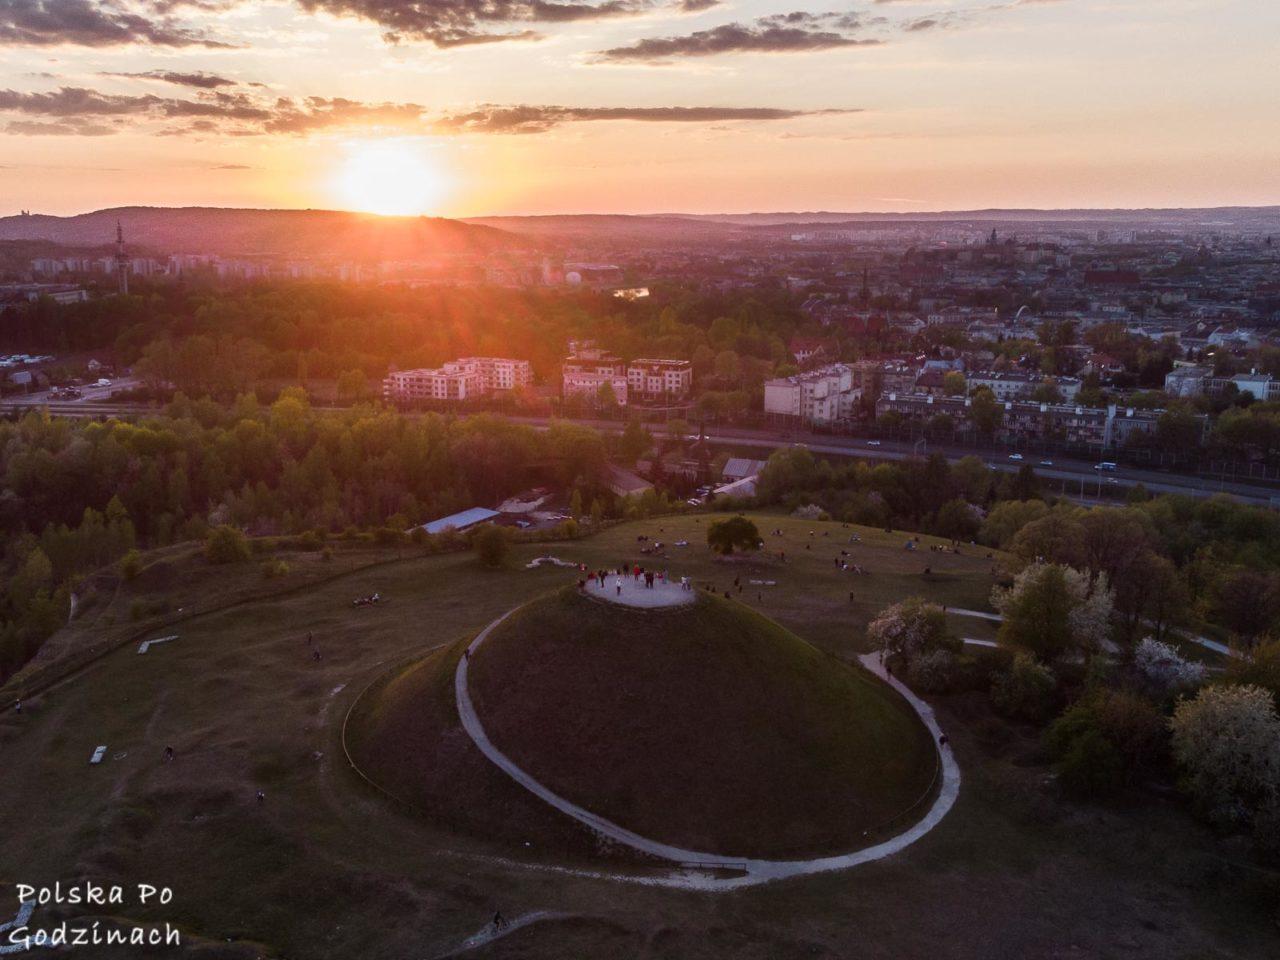 kopiec krakusa to jedna z głównych atrakcji Krakowa, oferuje piękną panoramę miasta